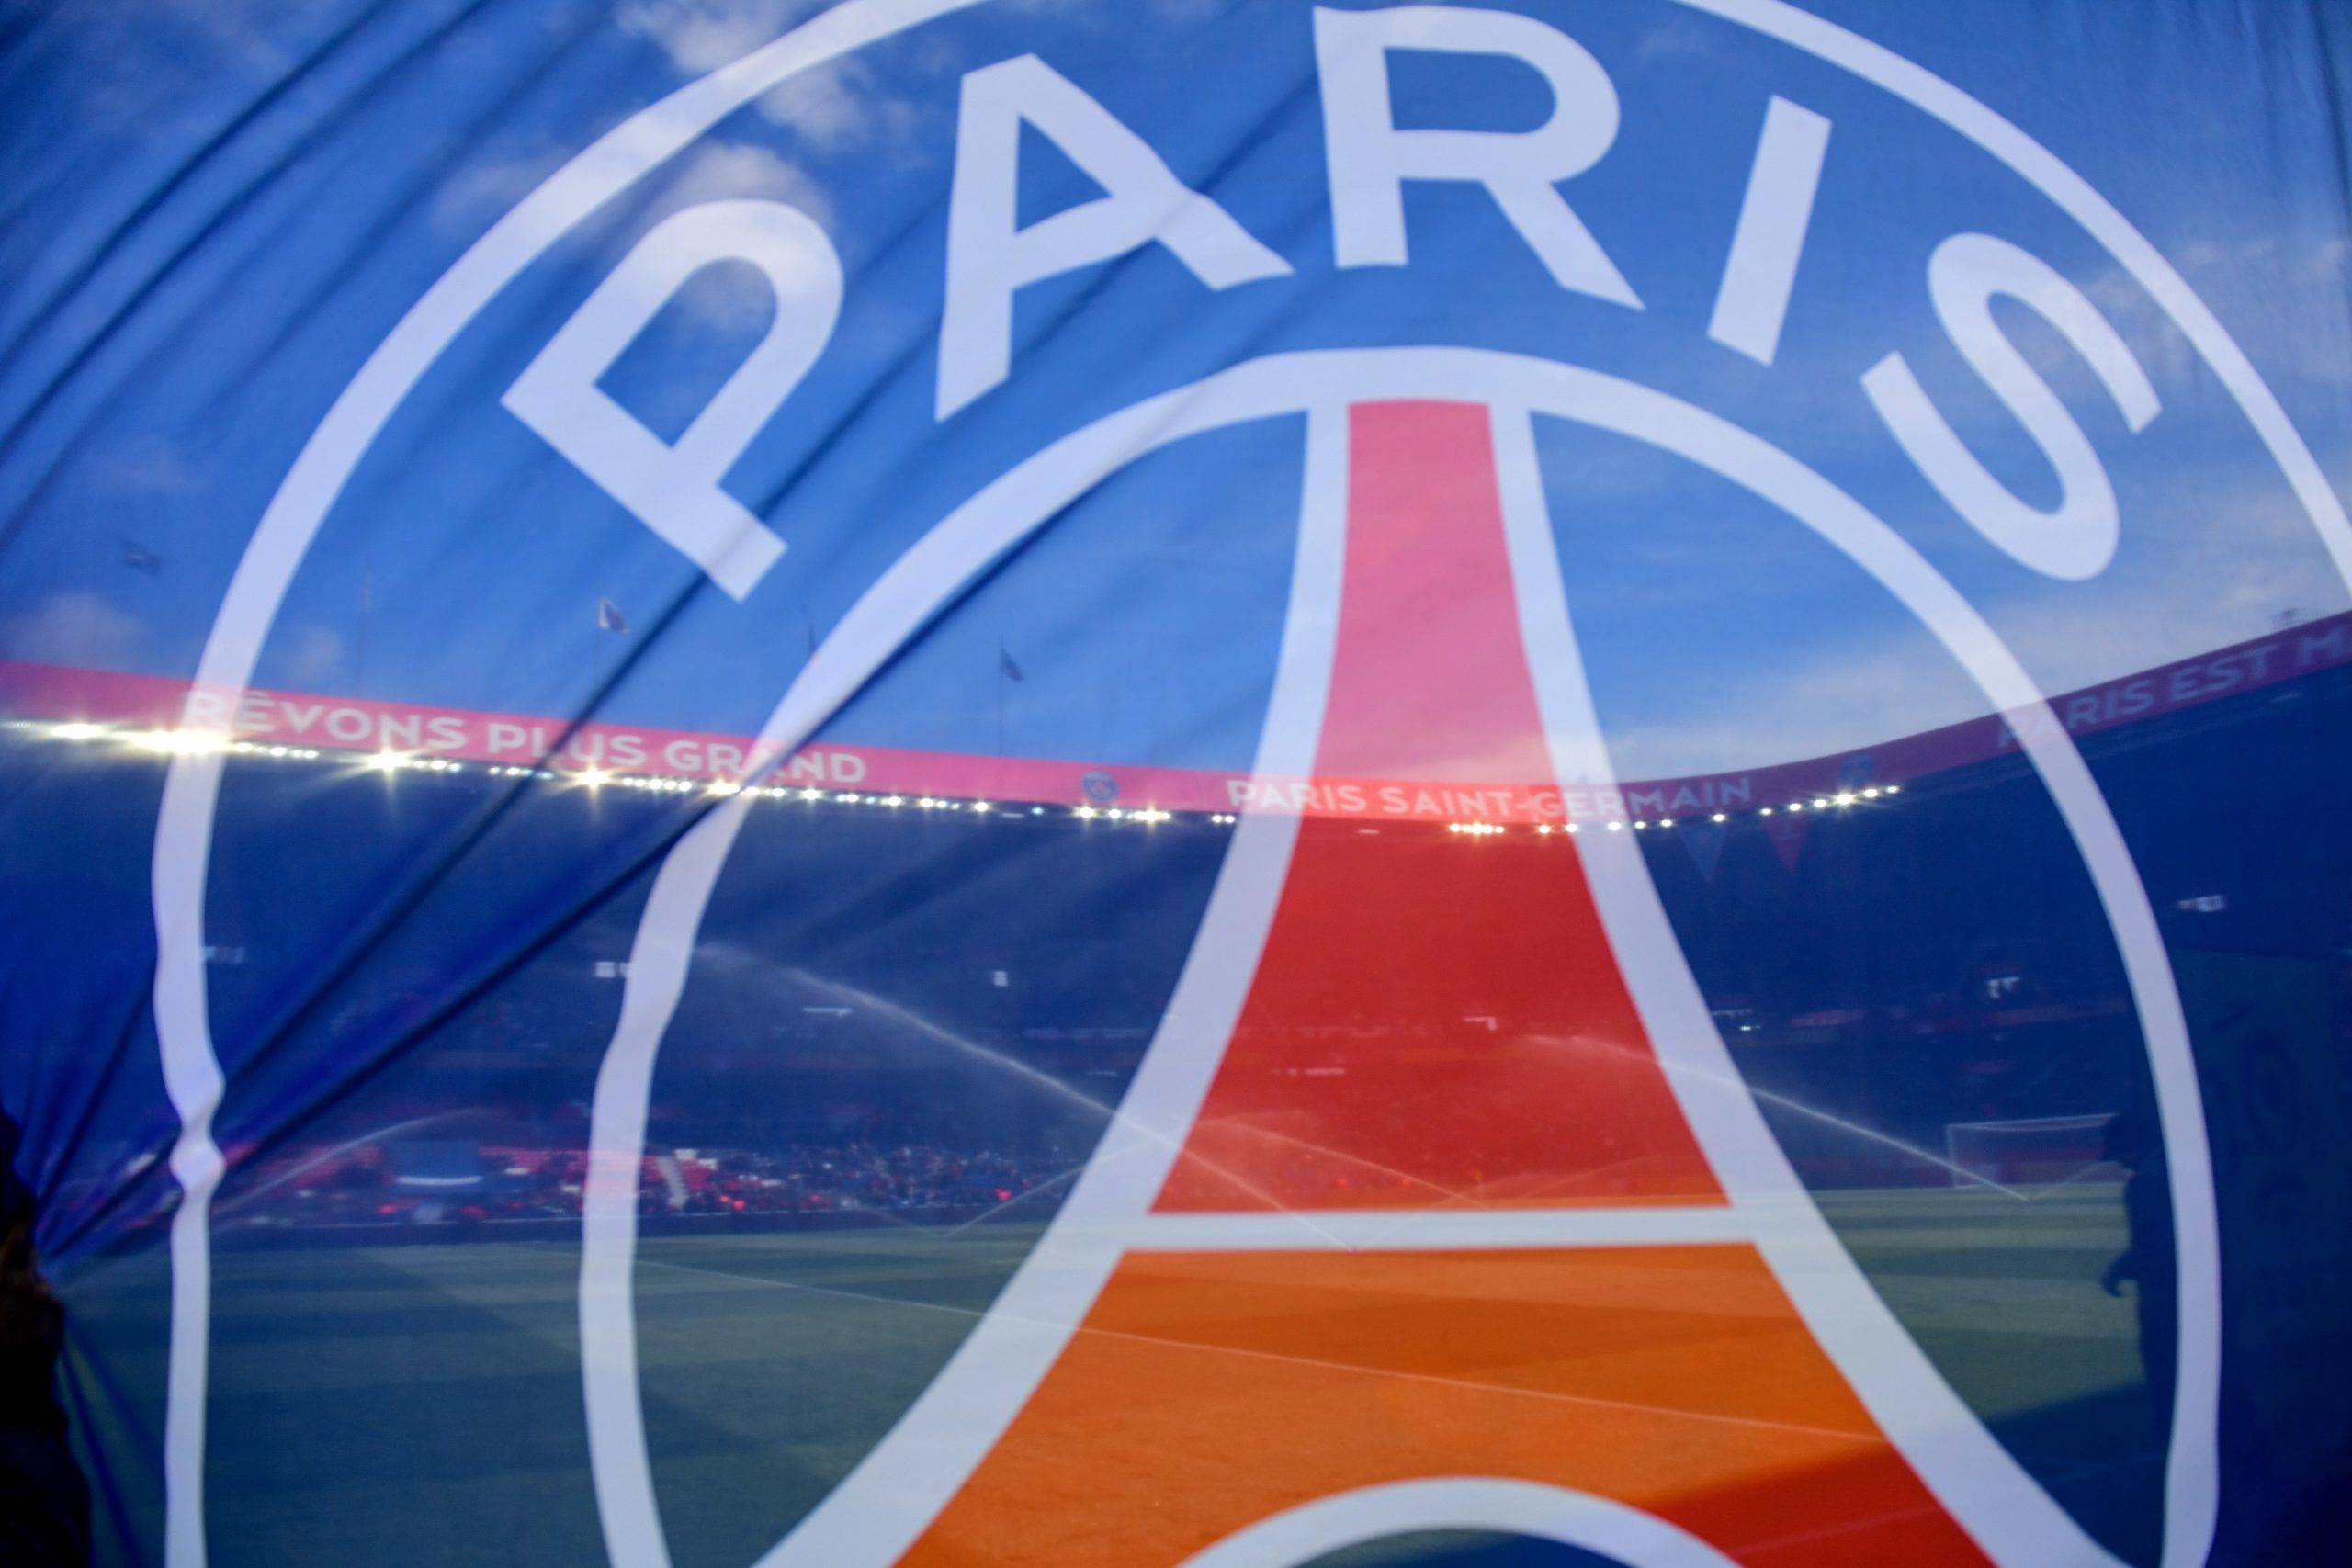 Le PSG aurait demandé à la LFP de jouer ses premiers matchs de Ligue 1 2020-2021 plus tôt